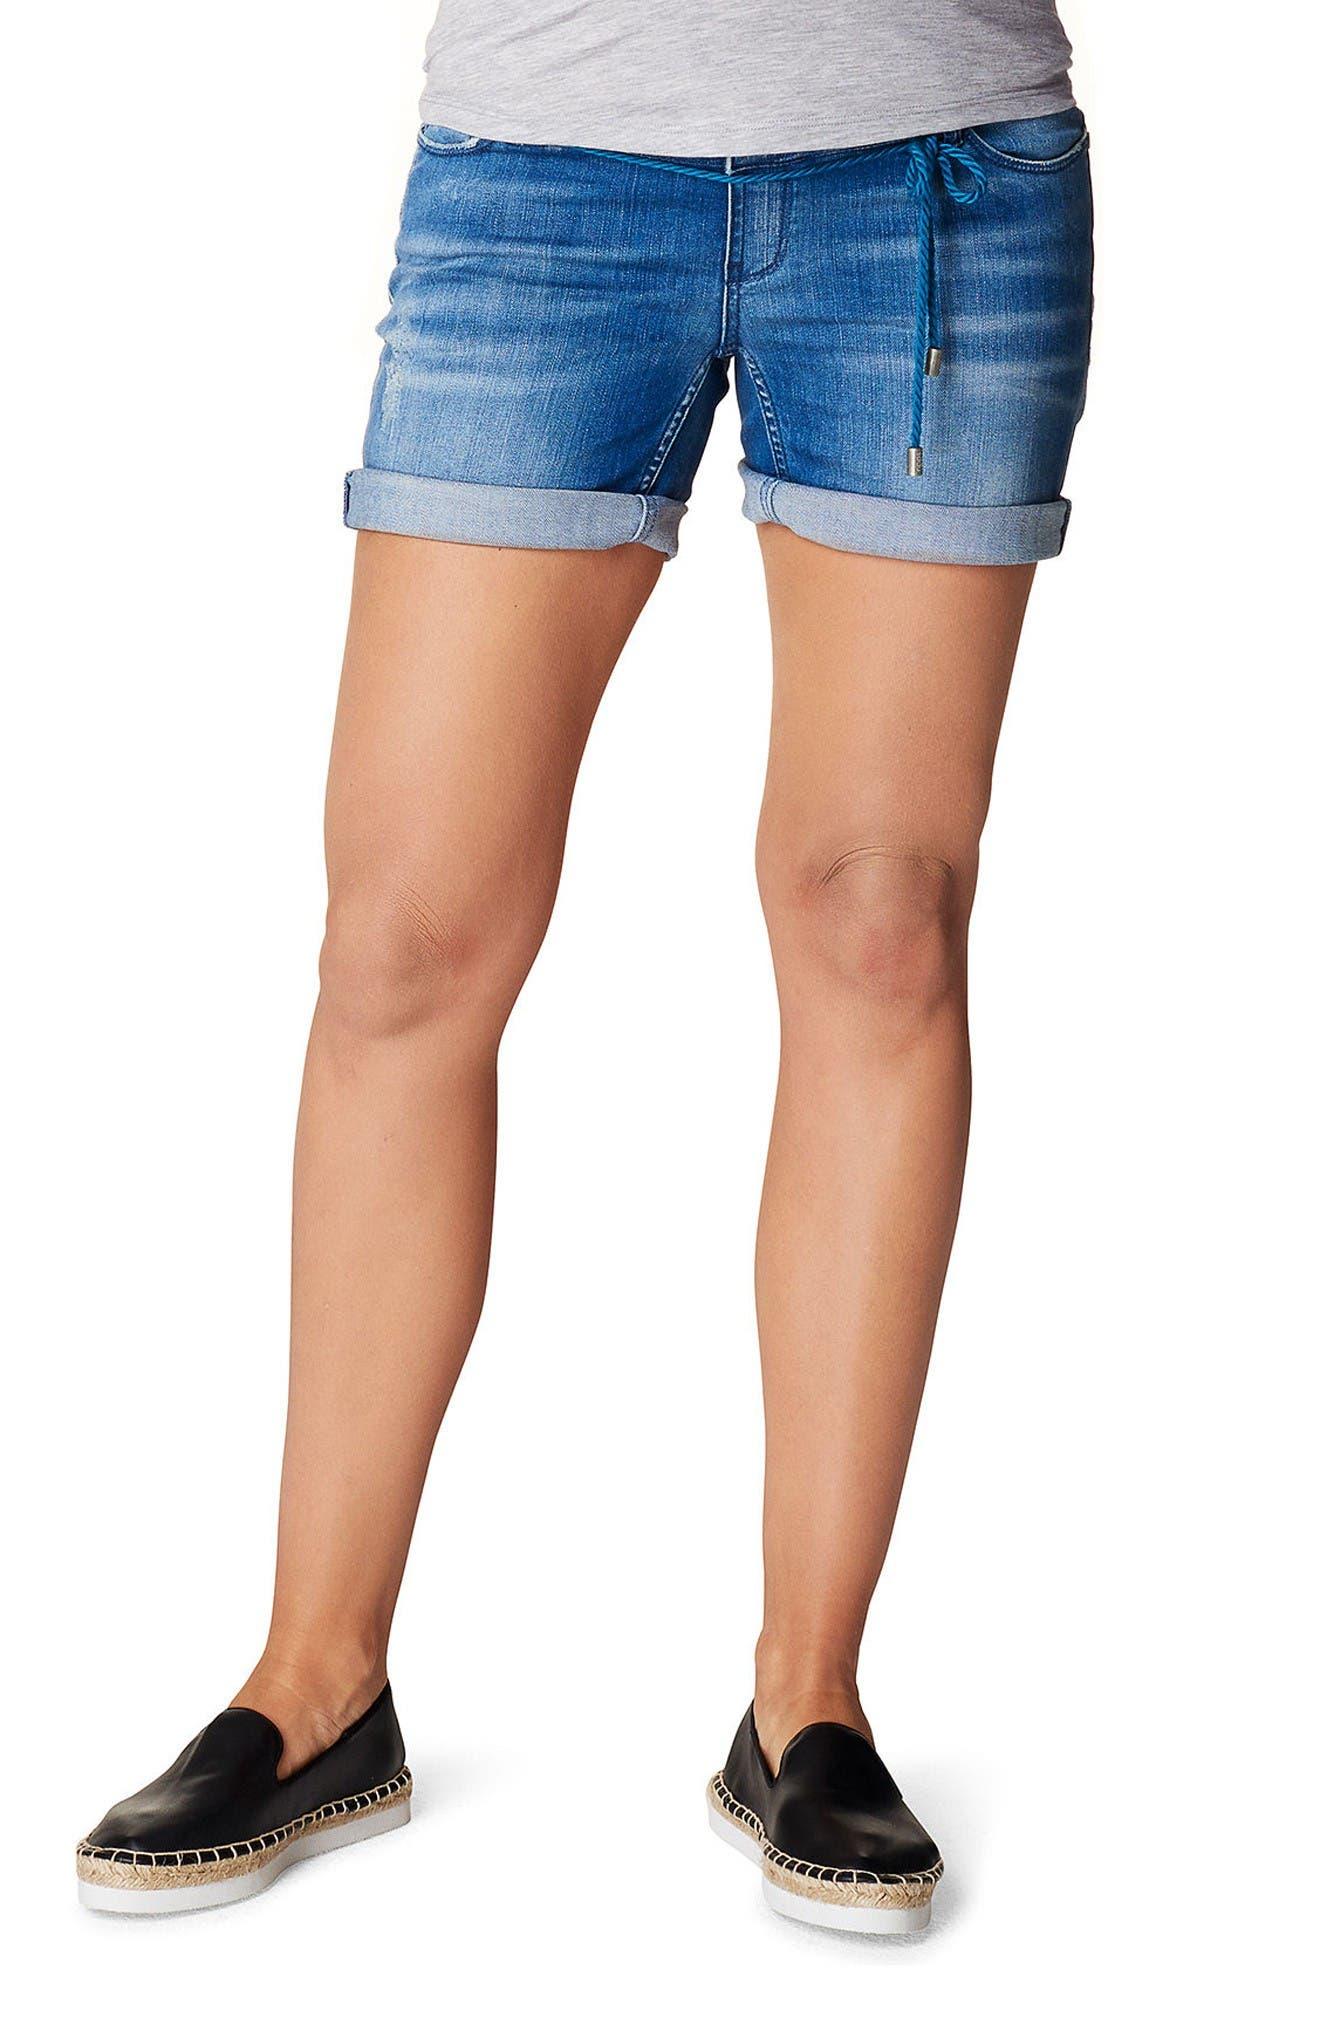 Main Image - Noppies Zita Maternity Jean Shorts